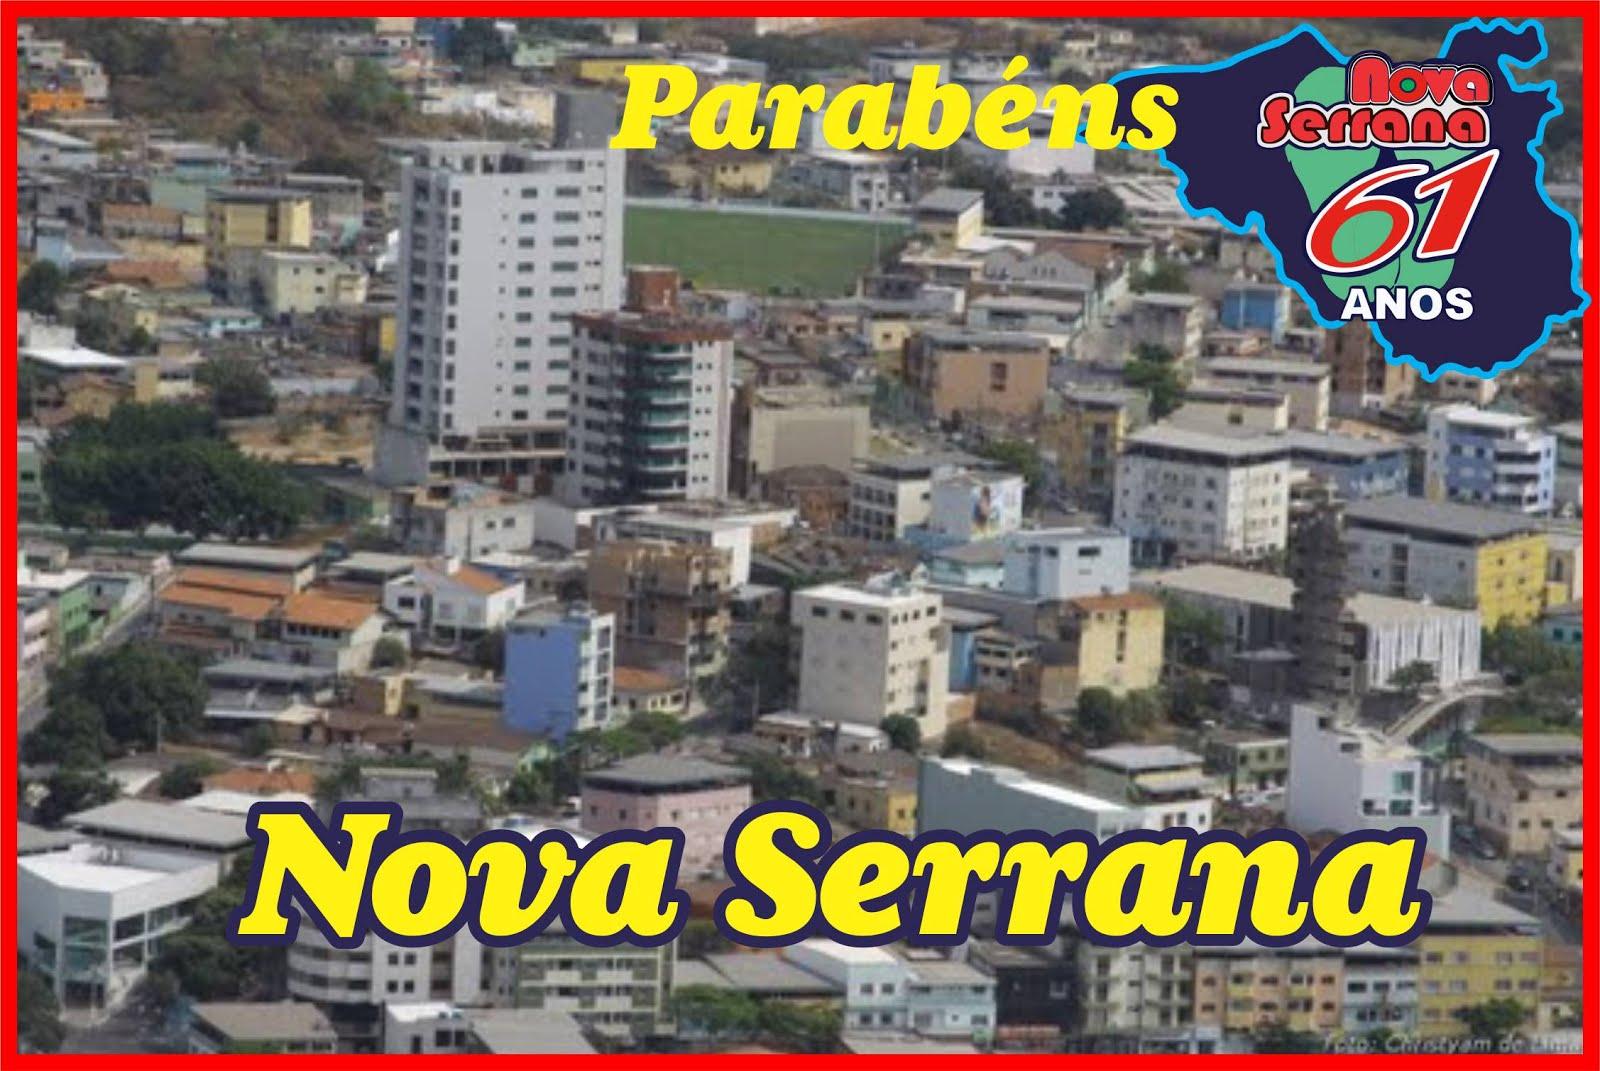 Nova Serrana - Minas Gerais